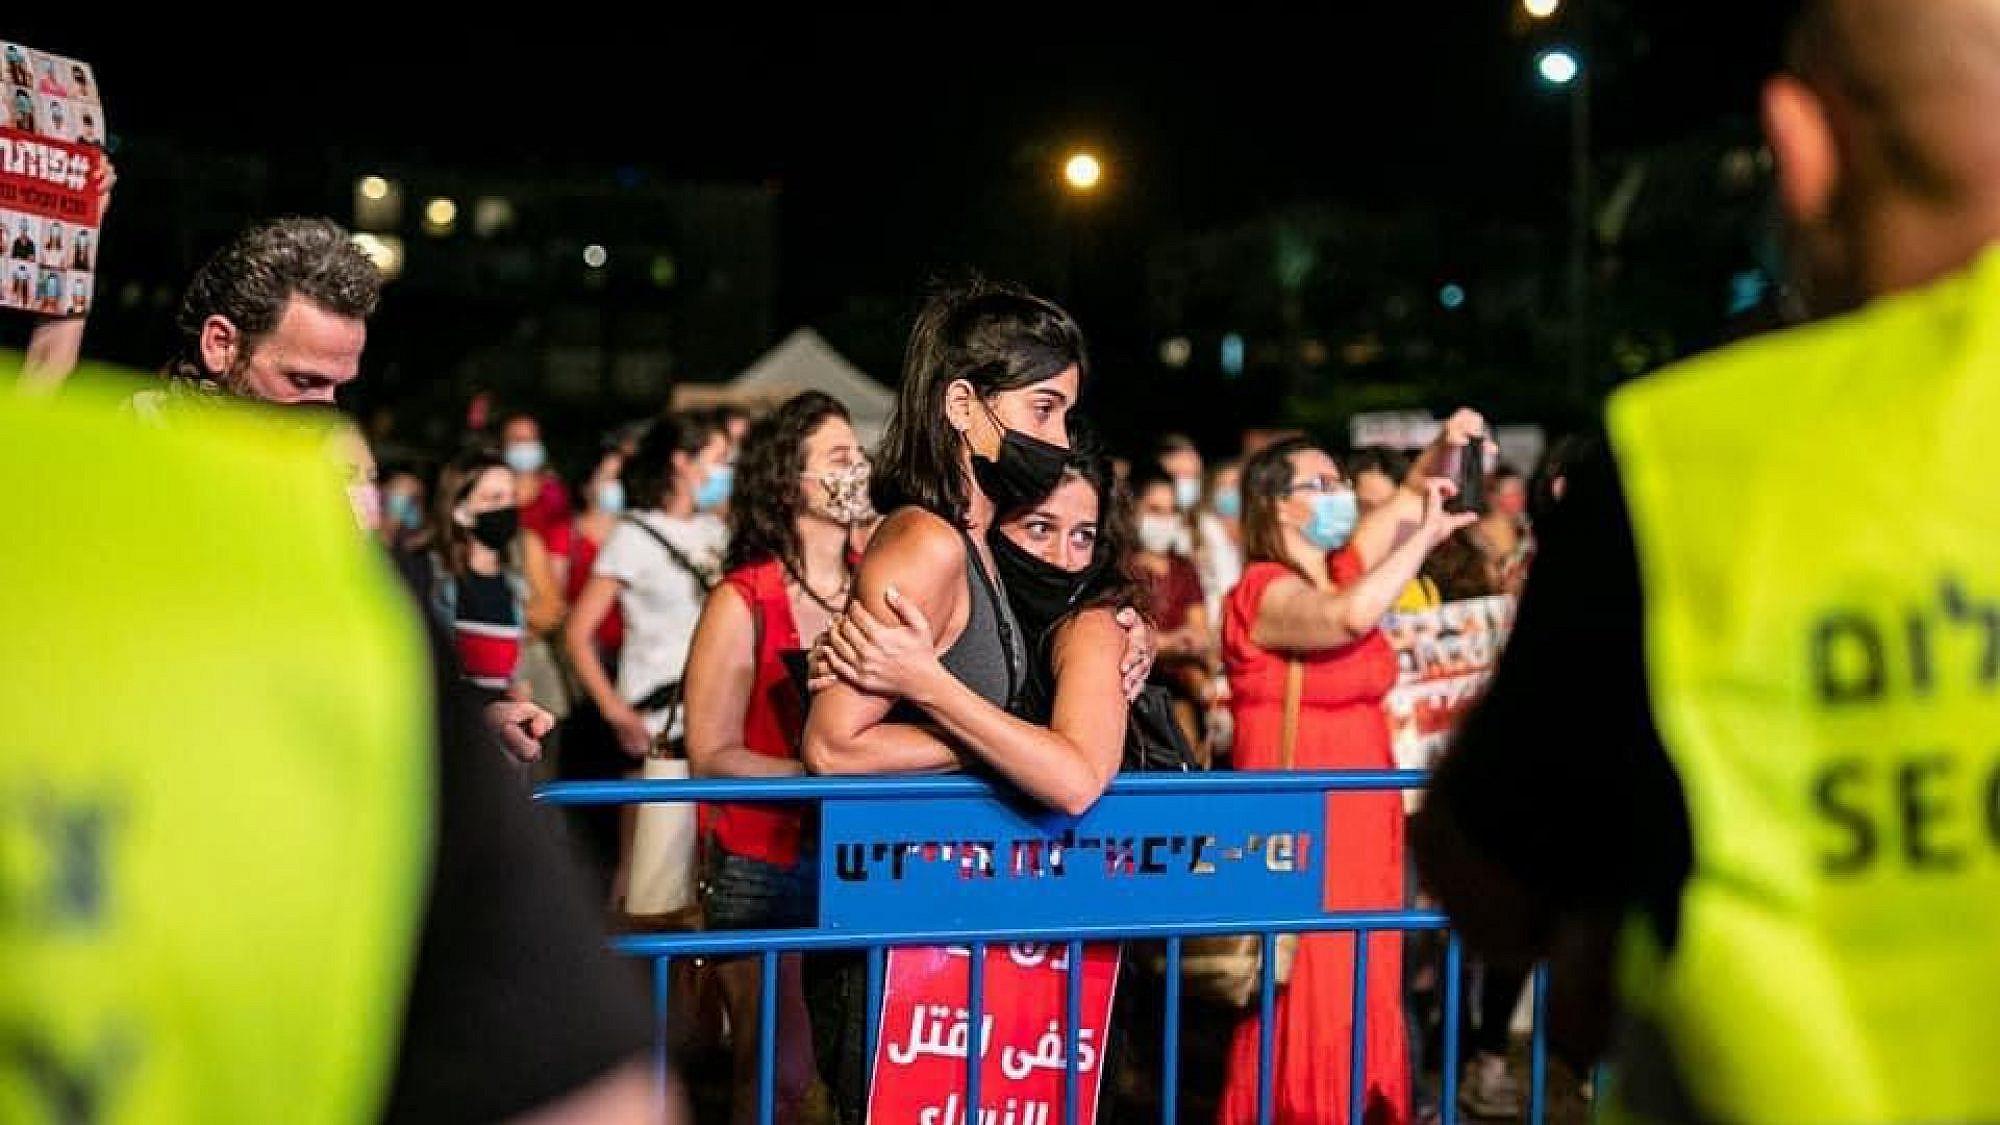 מחאת הנשים. צילום: נועה מגר